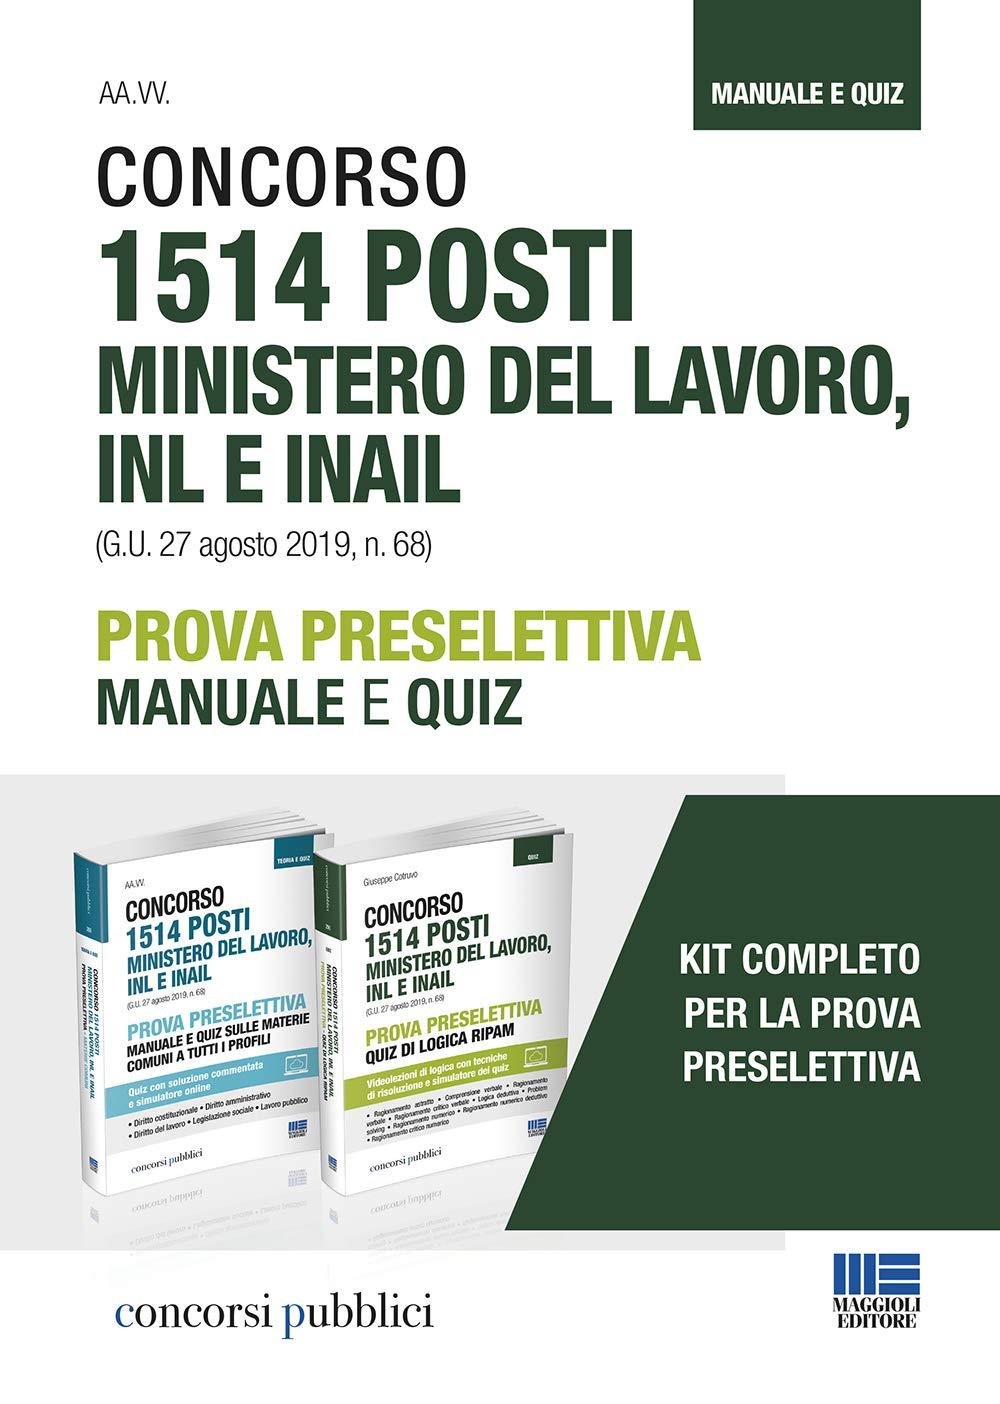 Kit Concorso 1514 Posti Ministero Del Lavoro Inl E Inail